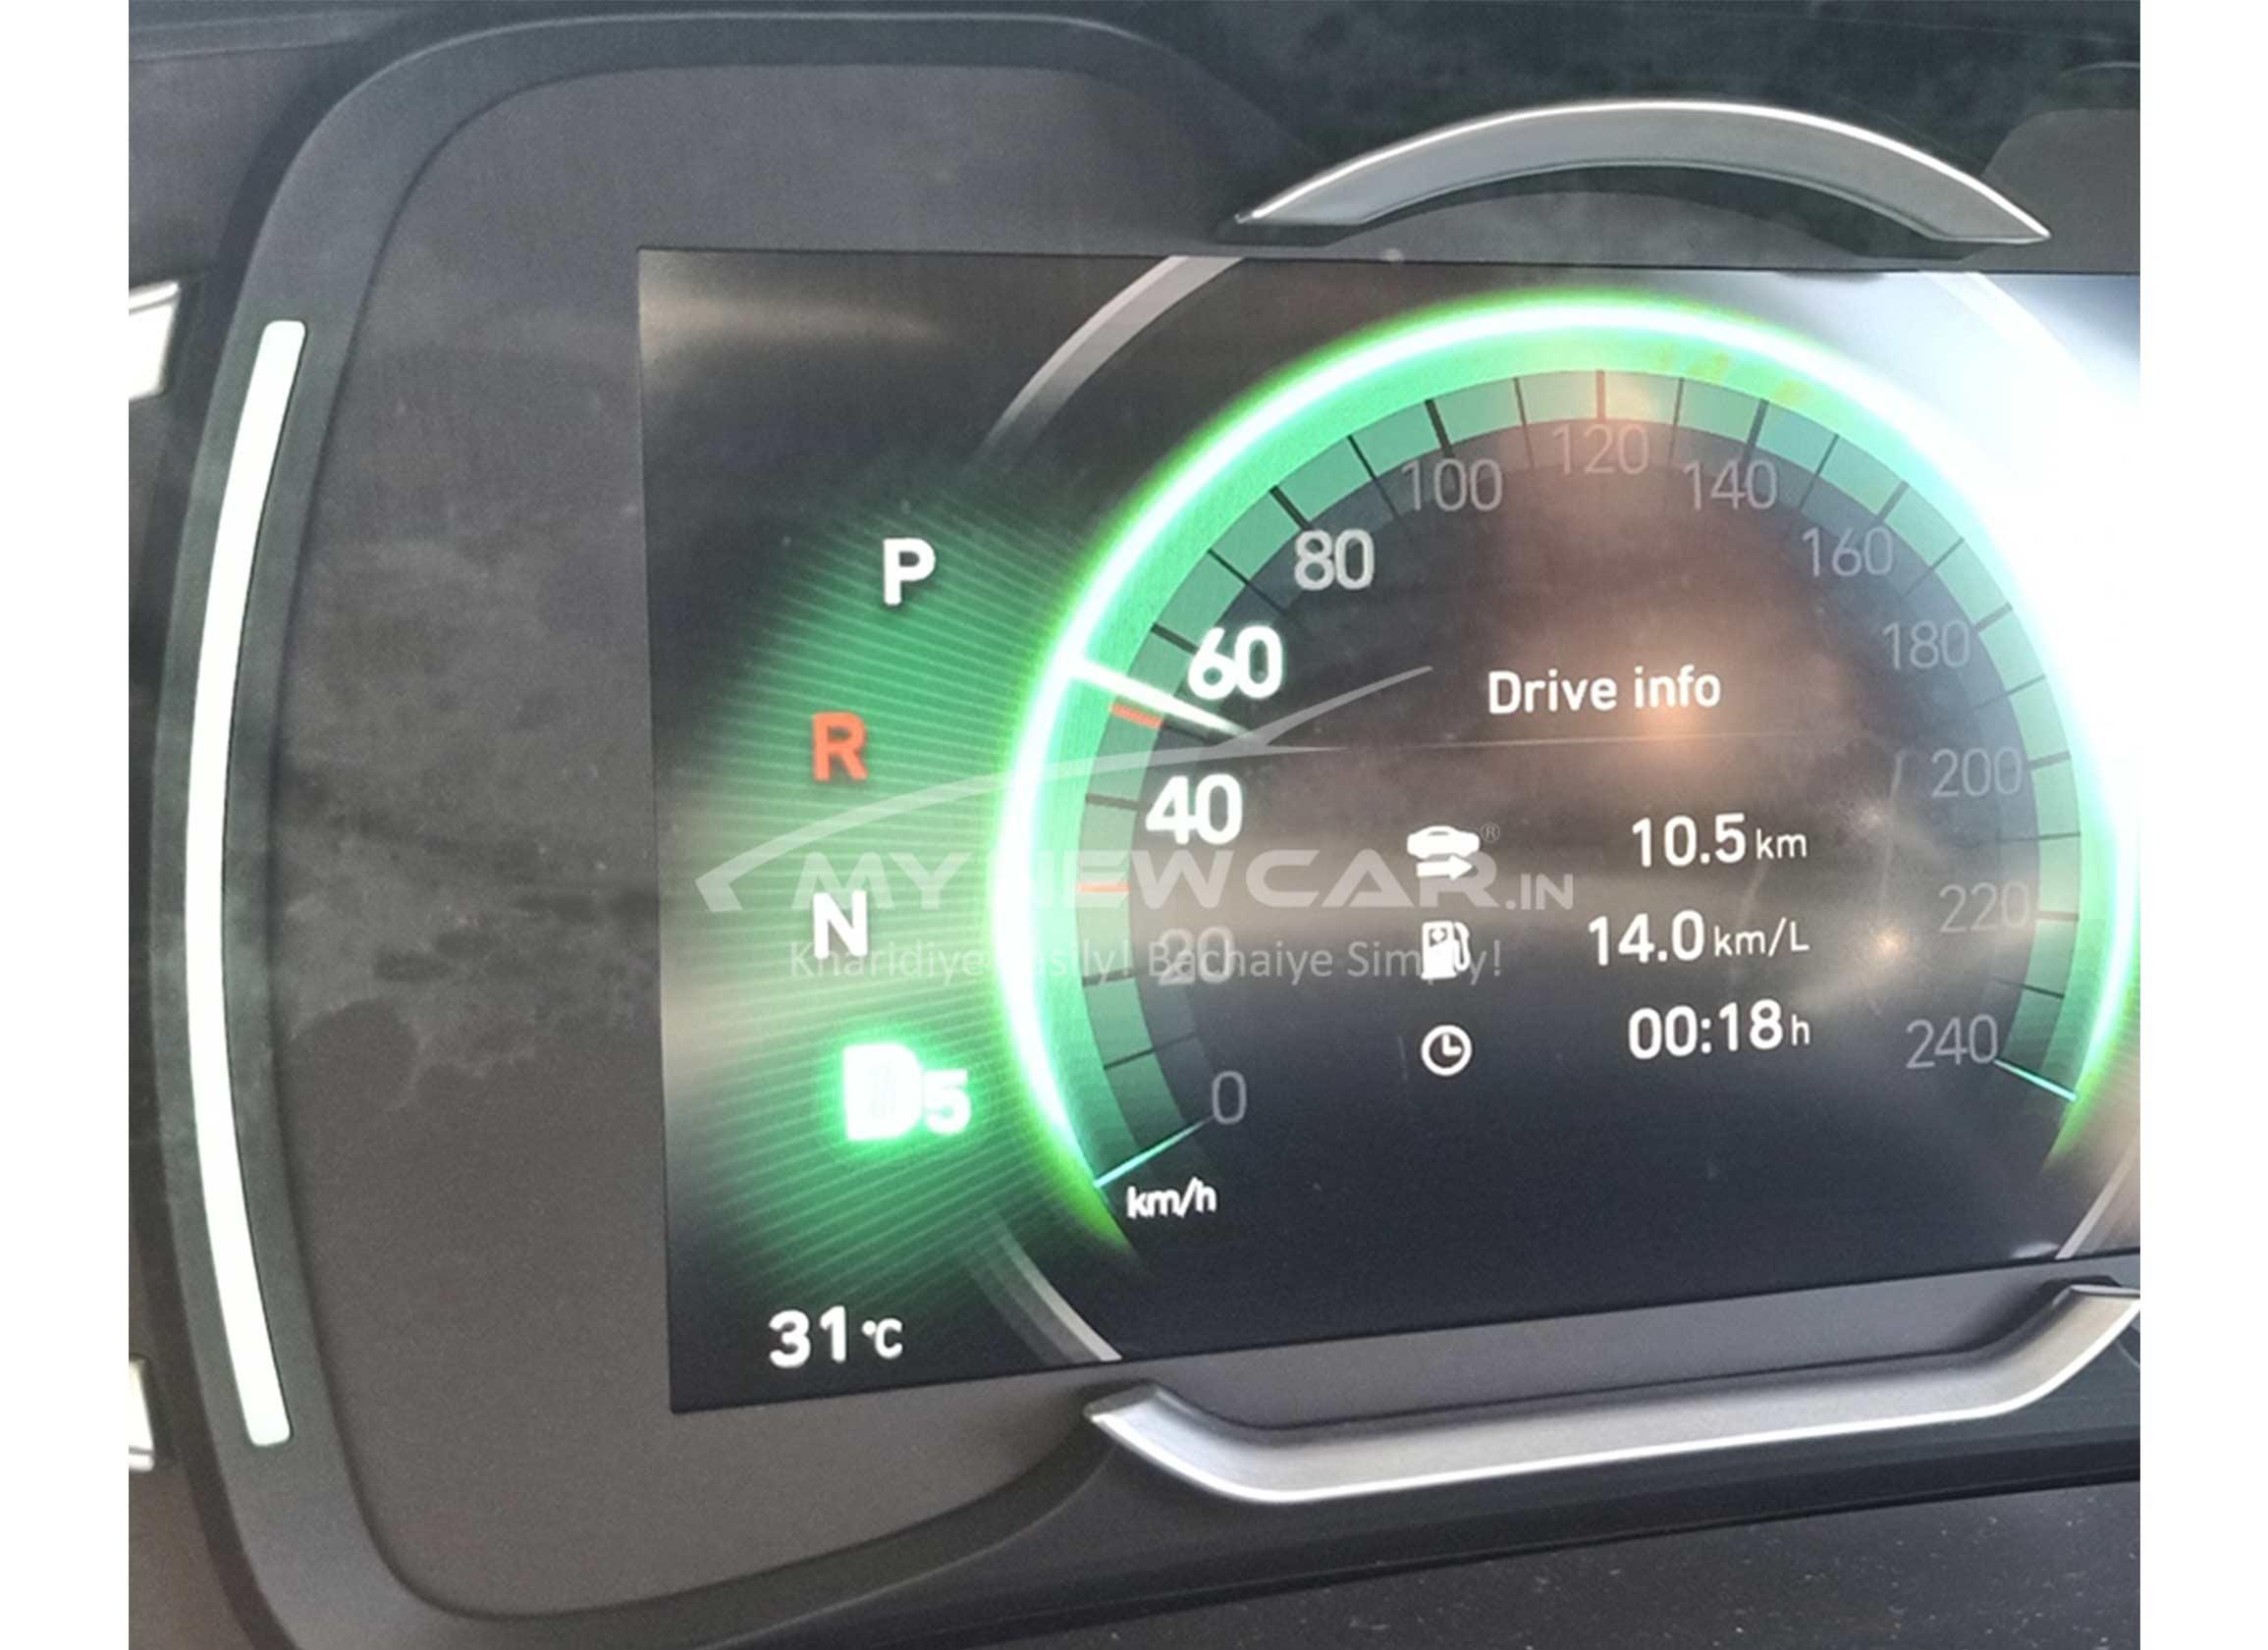 new hyundai creta turbo petrol speedometer image